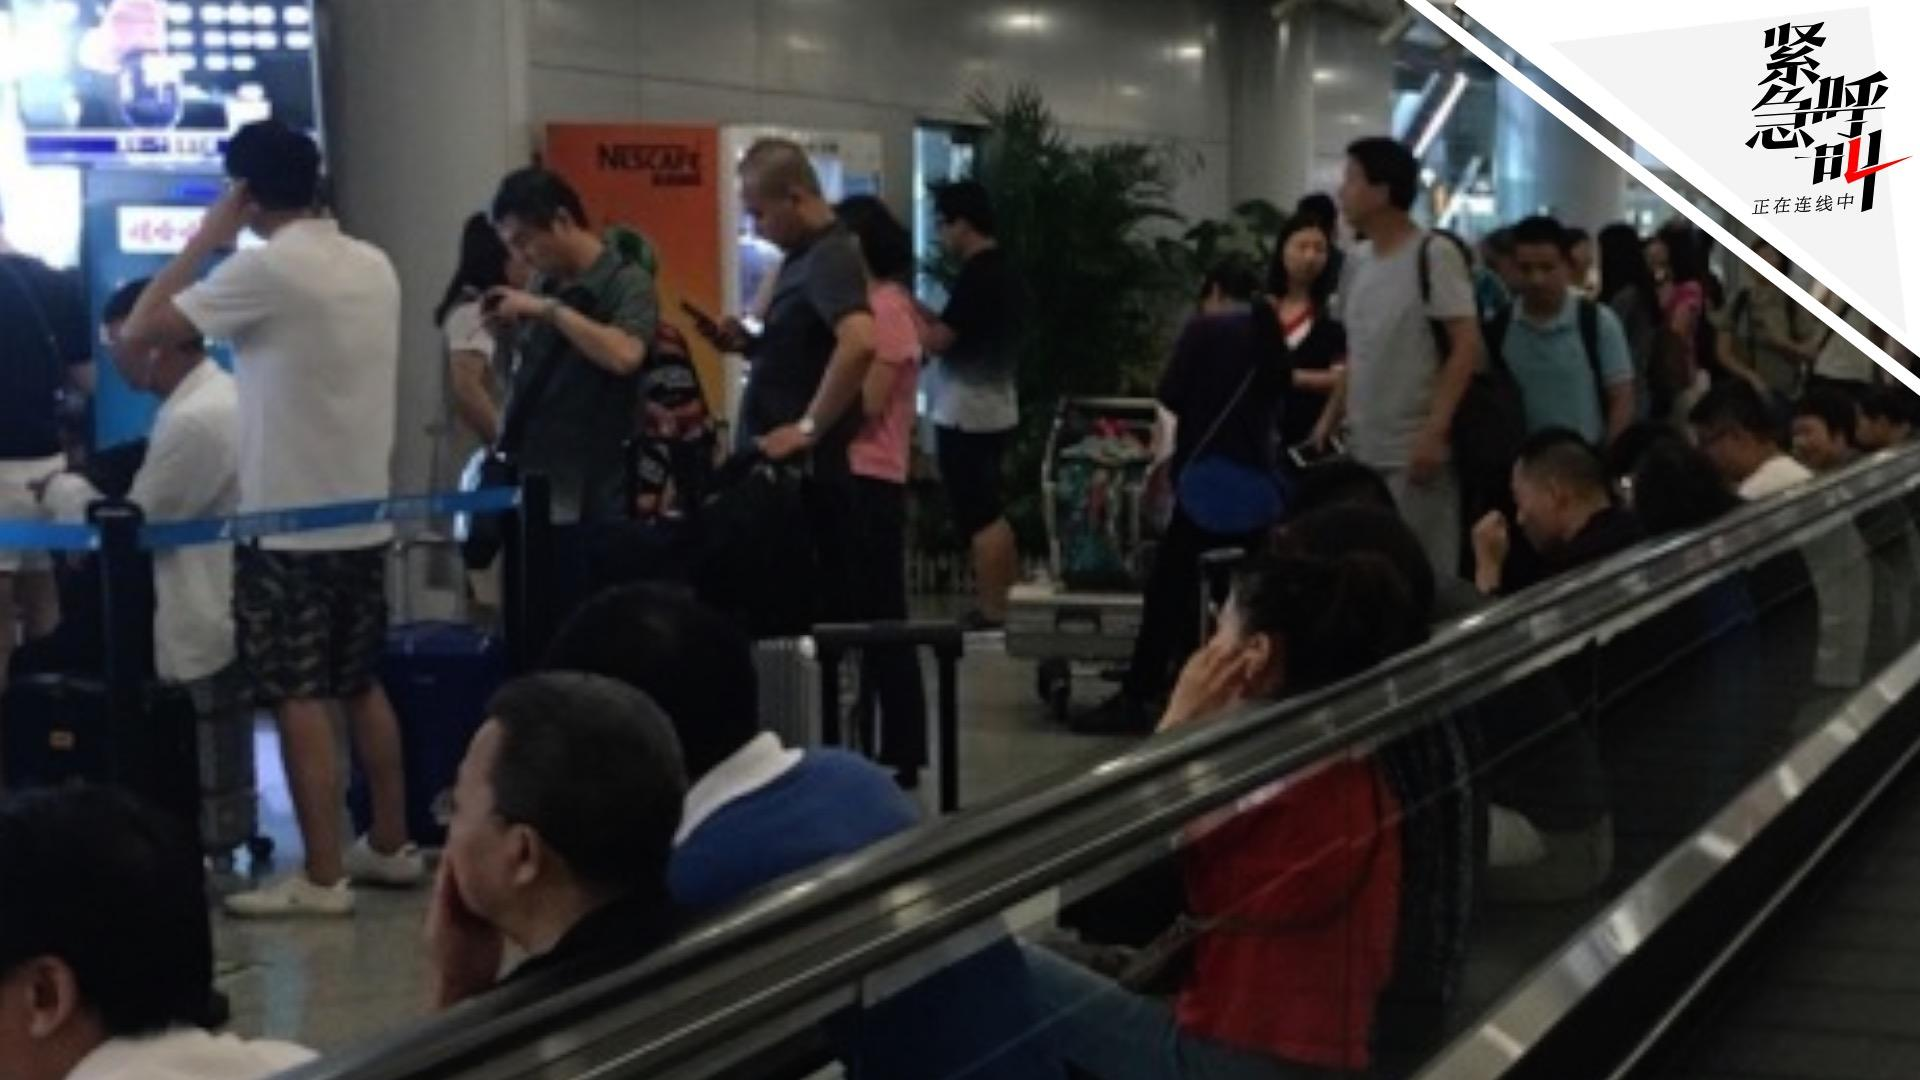 暴雨影响首都机场取消200余航班 旅客滞留:候机7小时不知何时起飞